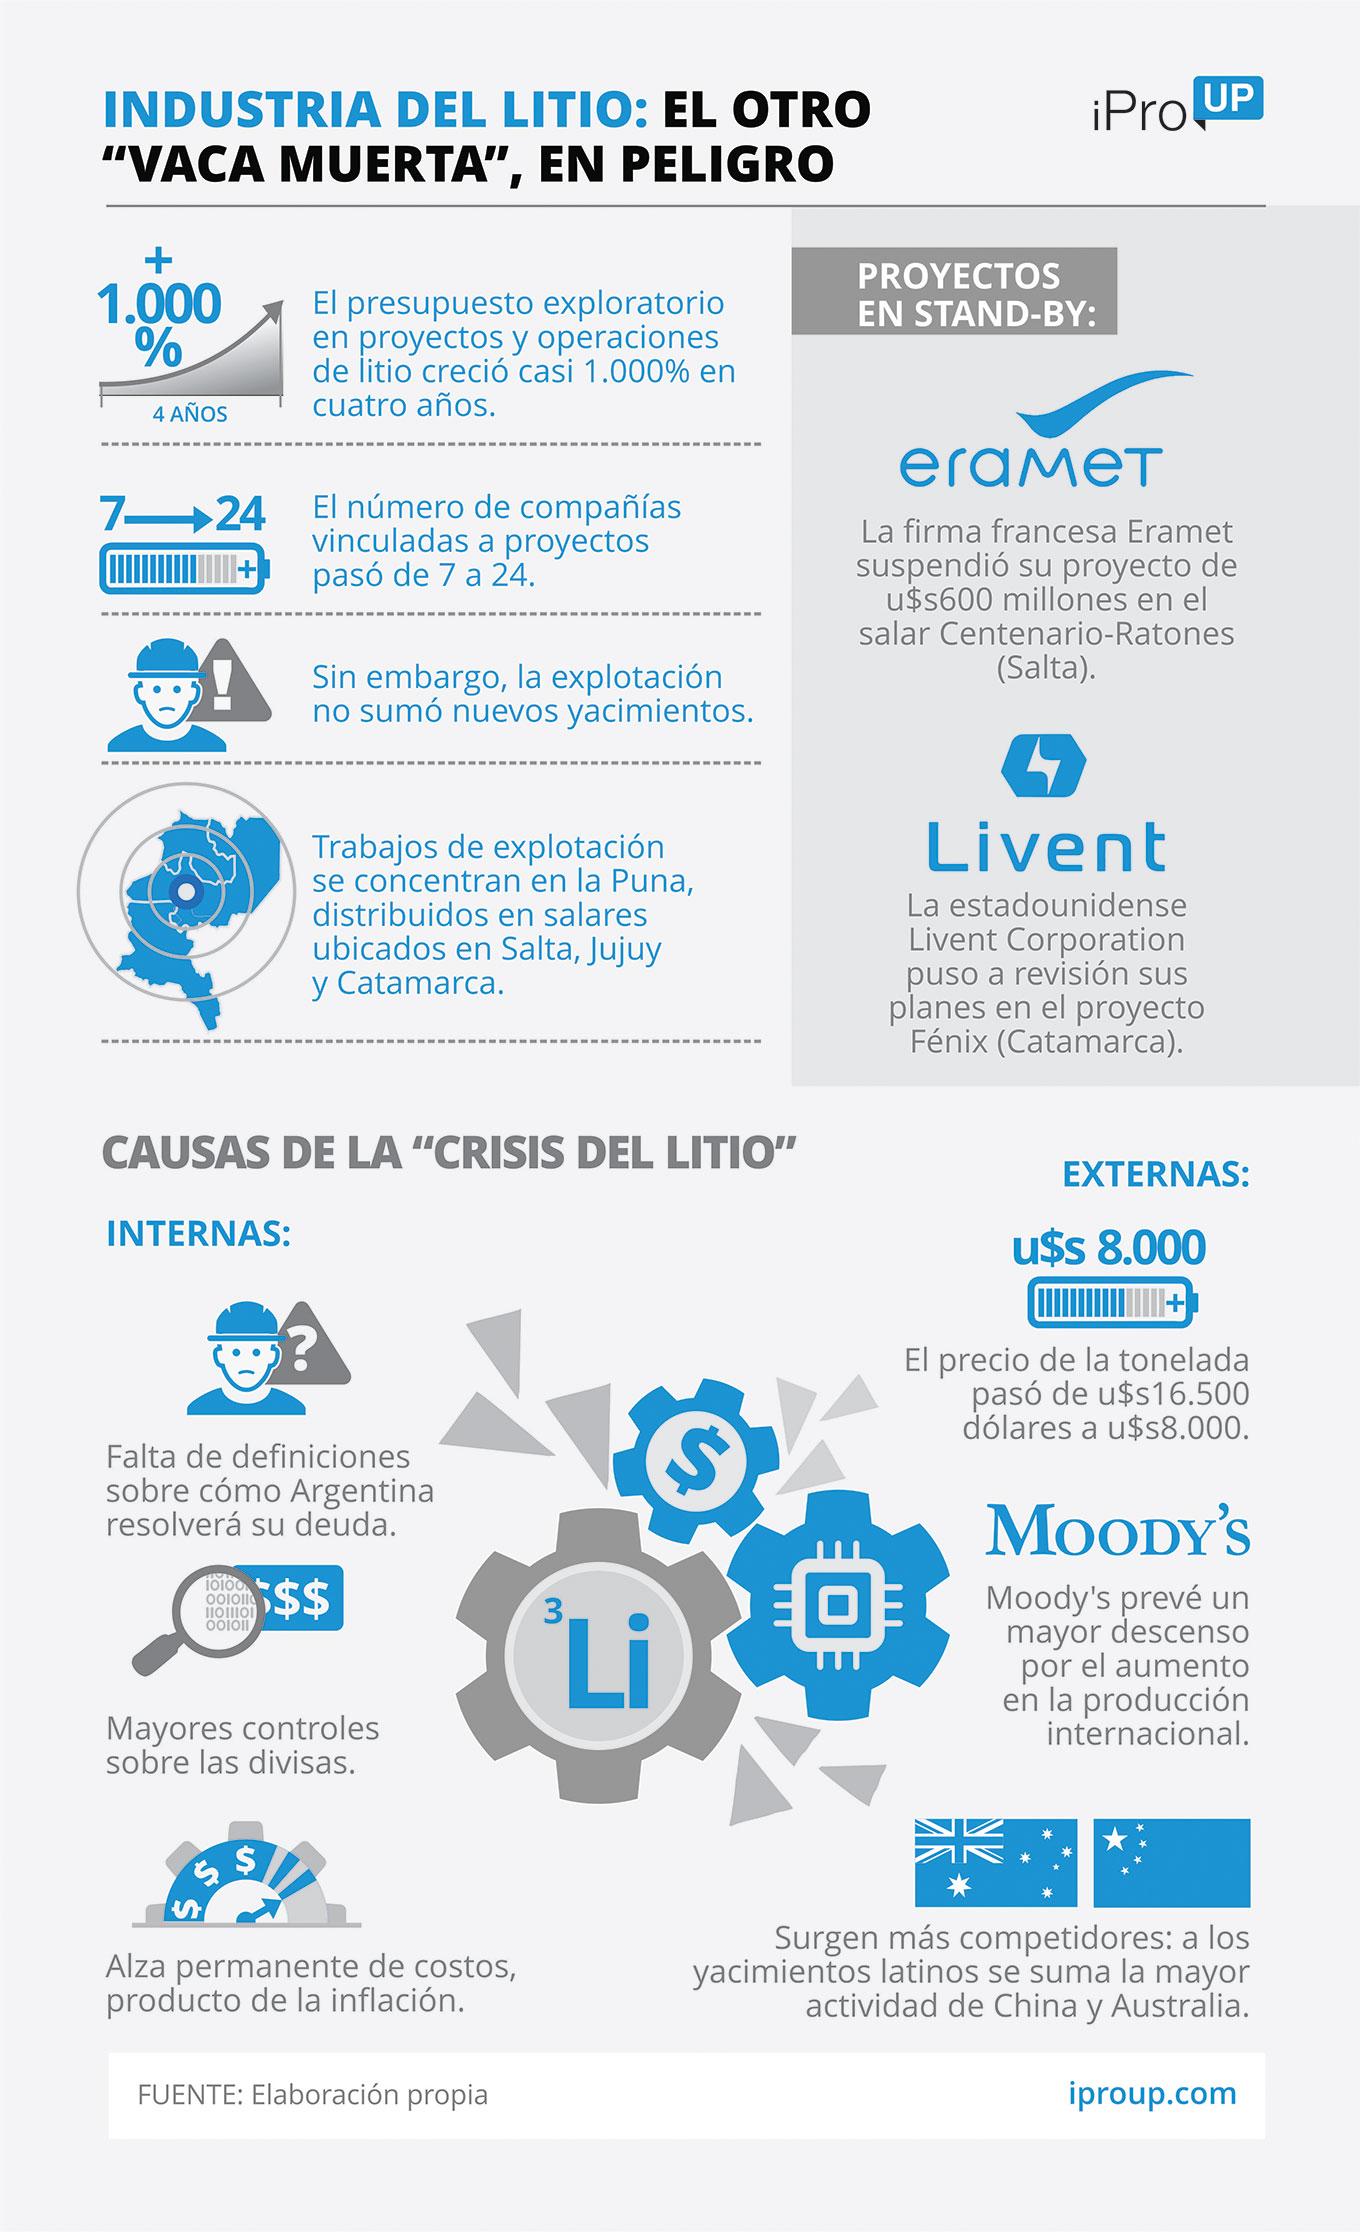 La industria del litio en Argentina